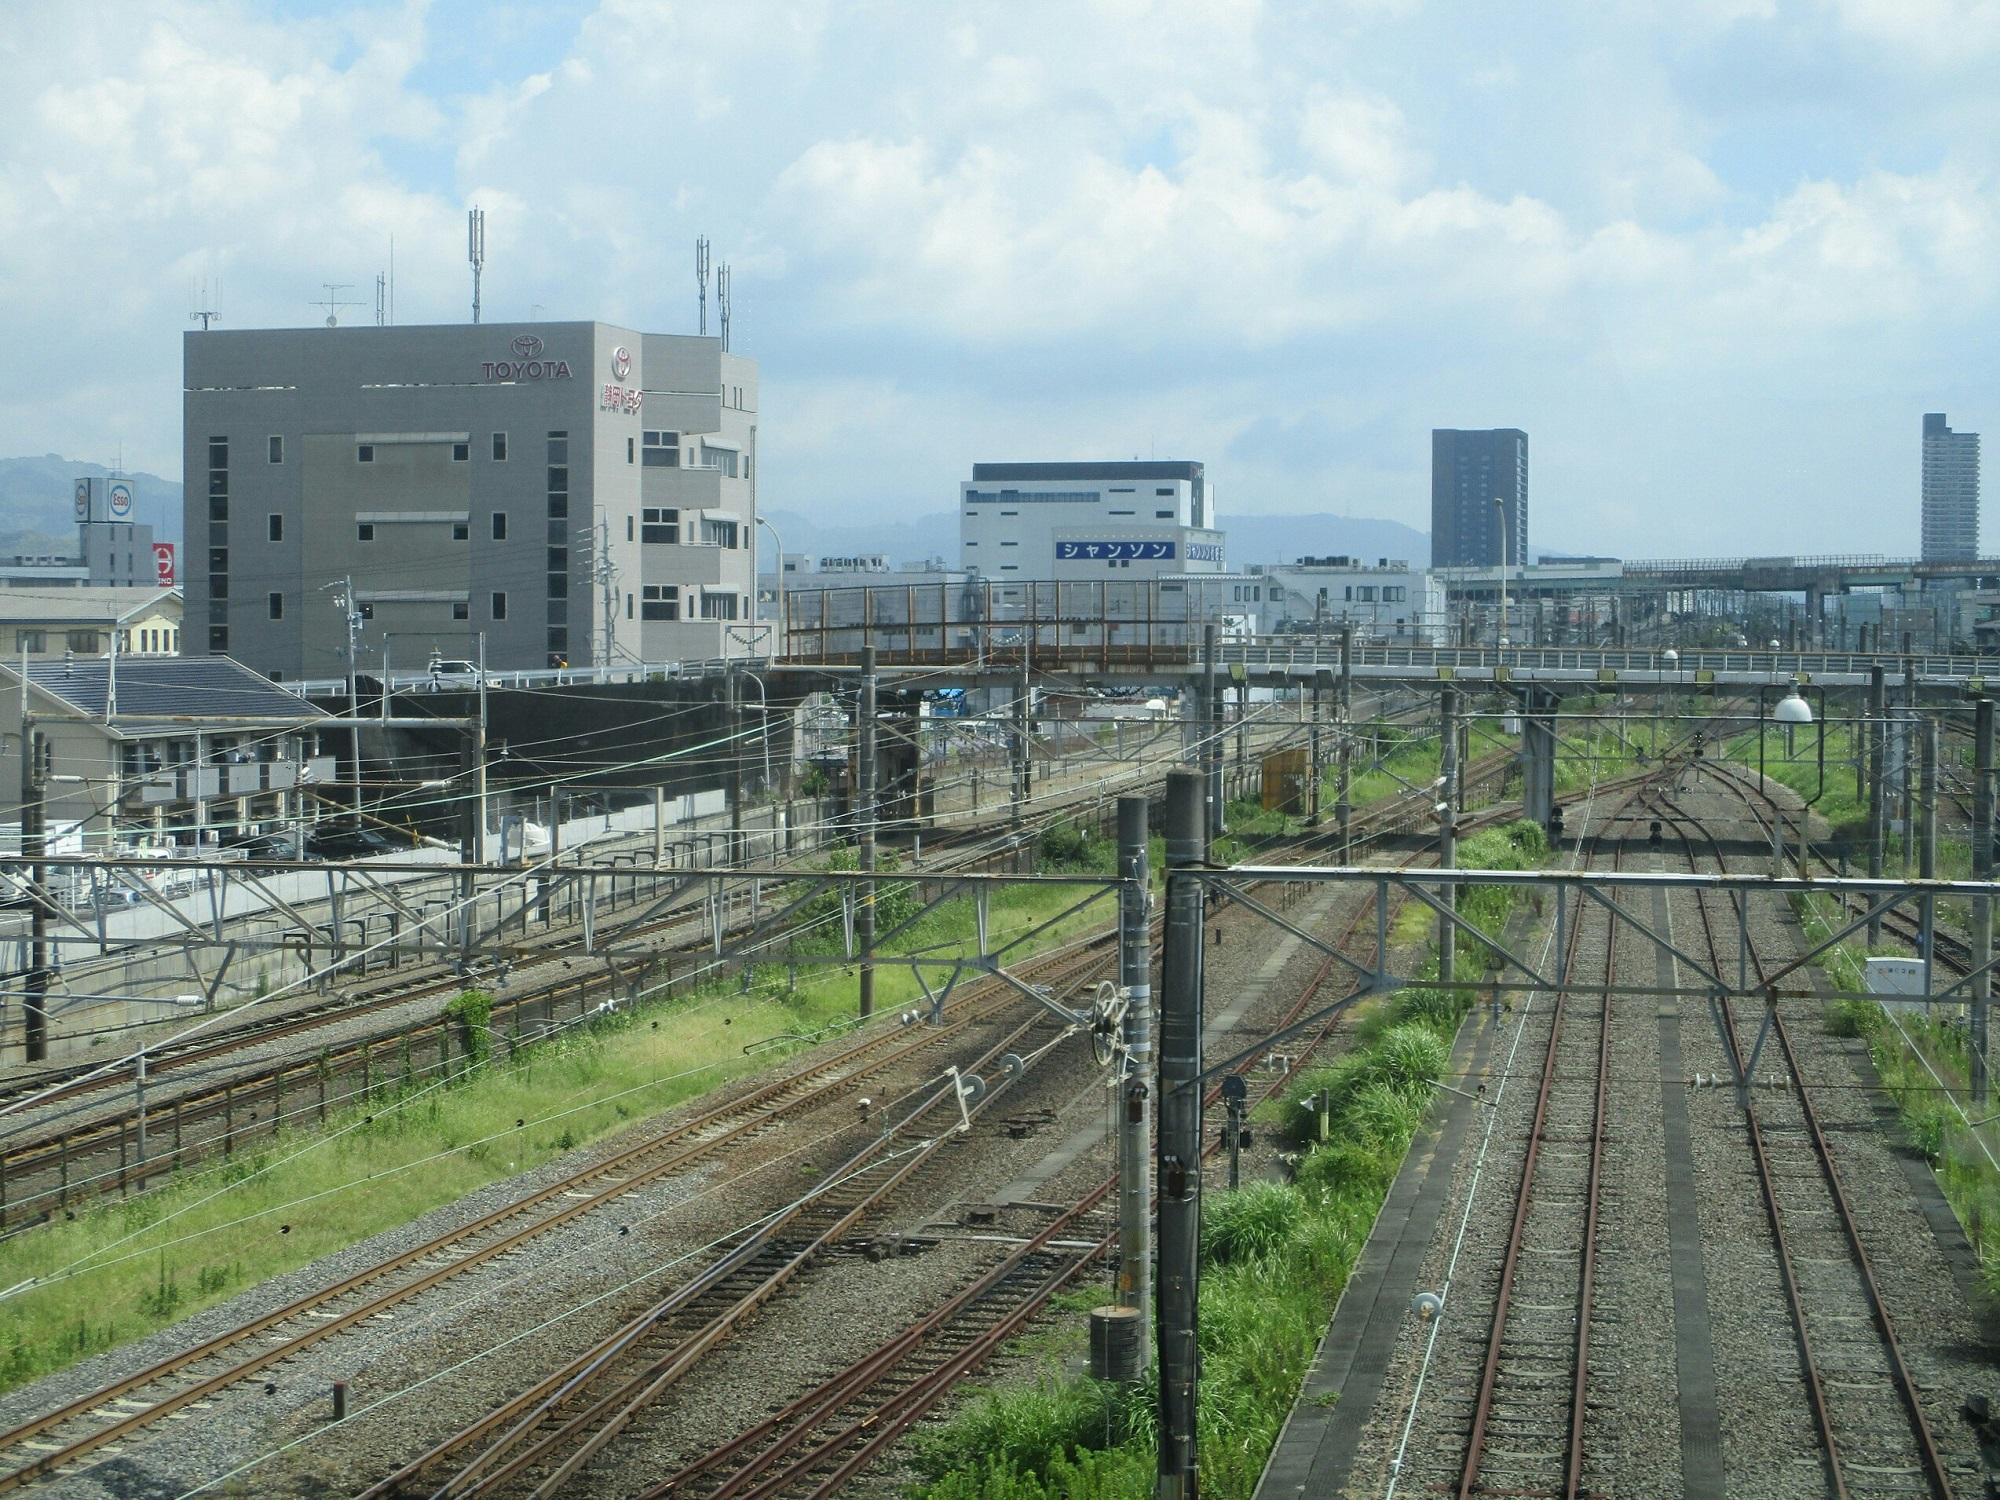 2018.8.10 (54) 新清水いきふつう - 古庄-県総合運動場間(東海道線ごえ) 2000-1500